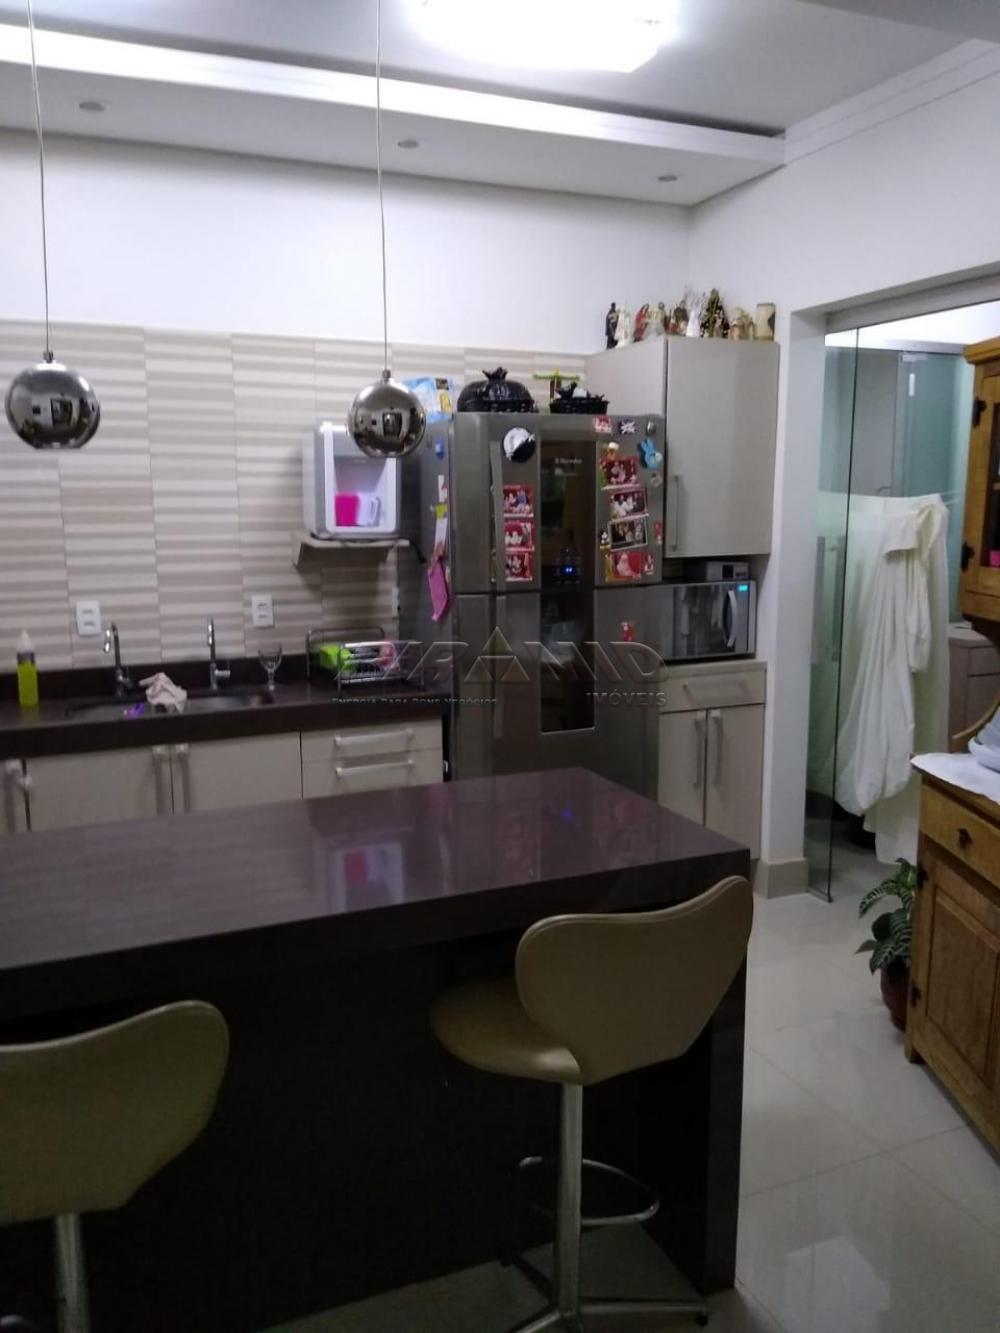 Comprar Apartamento / Padrão em Ribeirão Preto R$ 397.000,00 - Foto 7